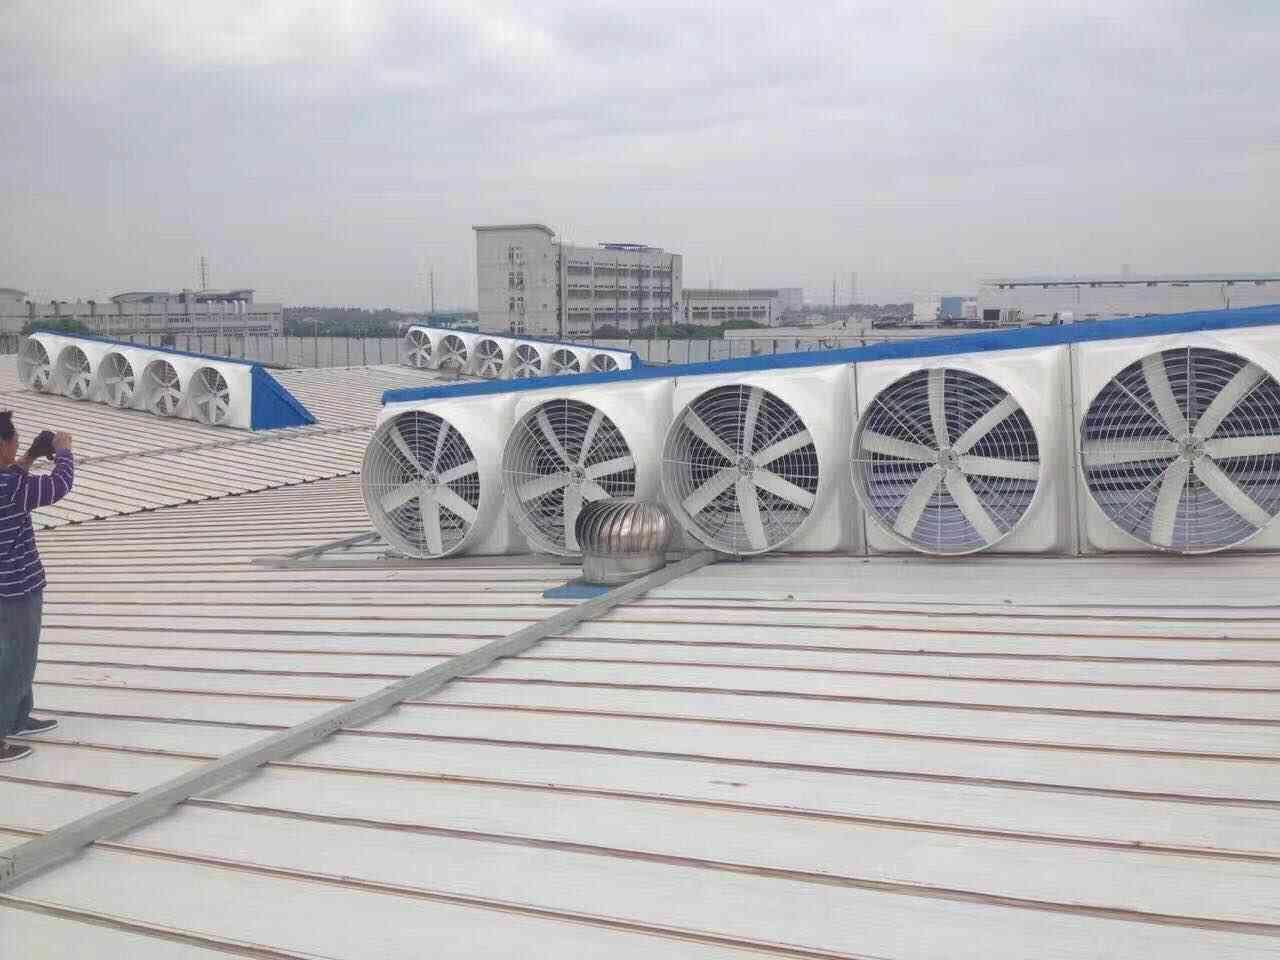 六合区负压风机哪家好 南京耀治环境设备供应「南京耀治环境设备供应」